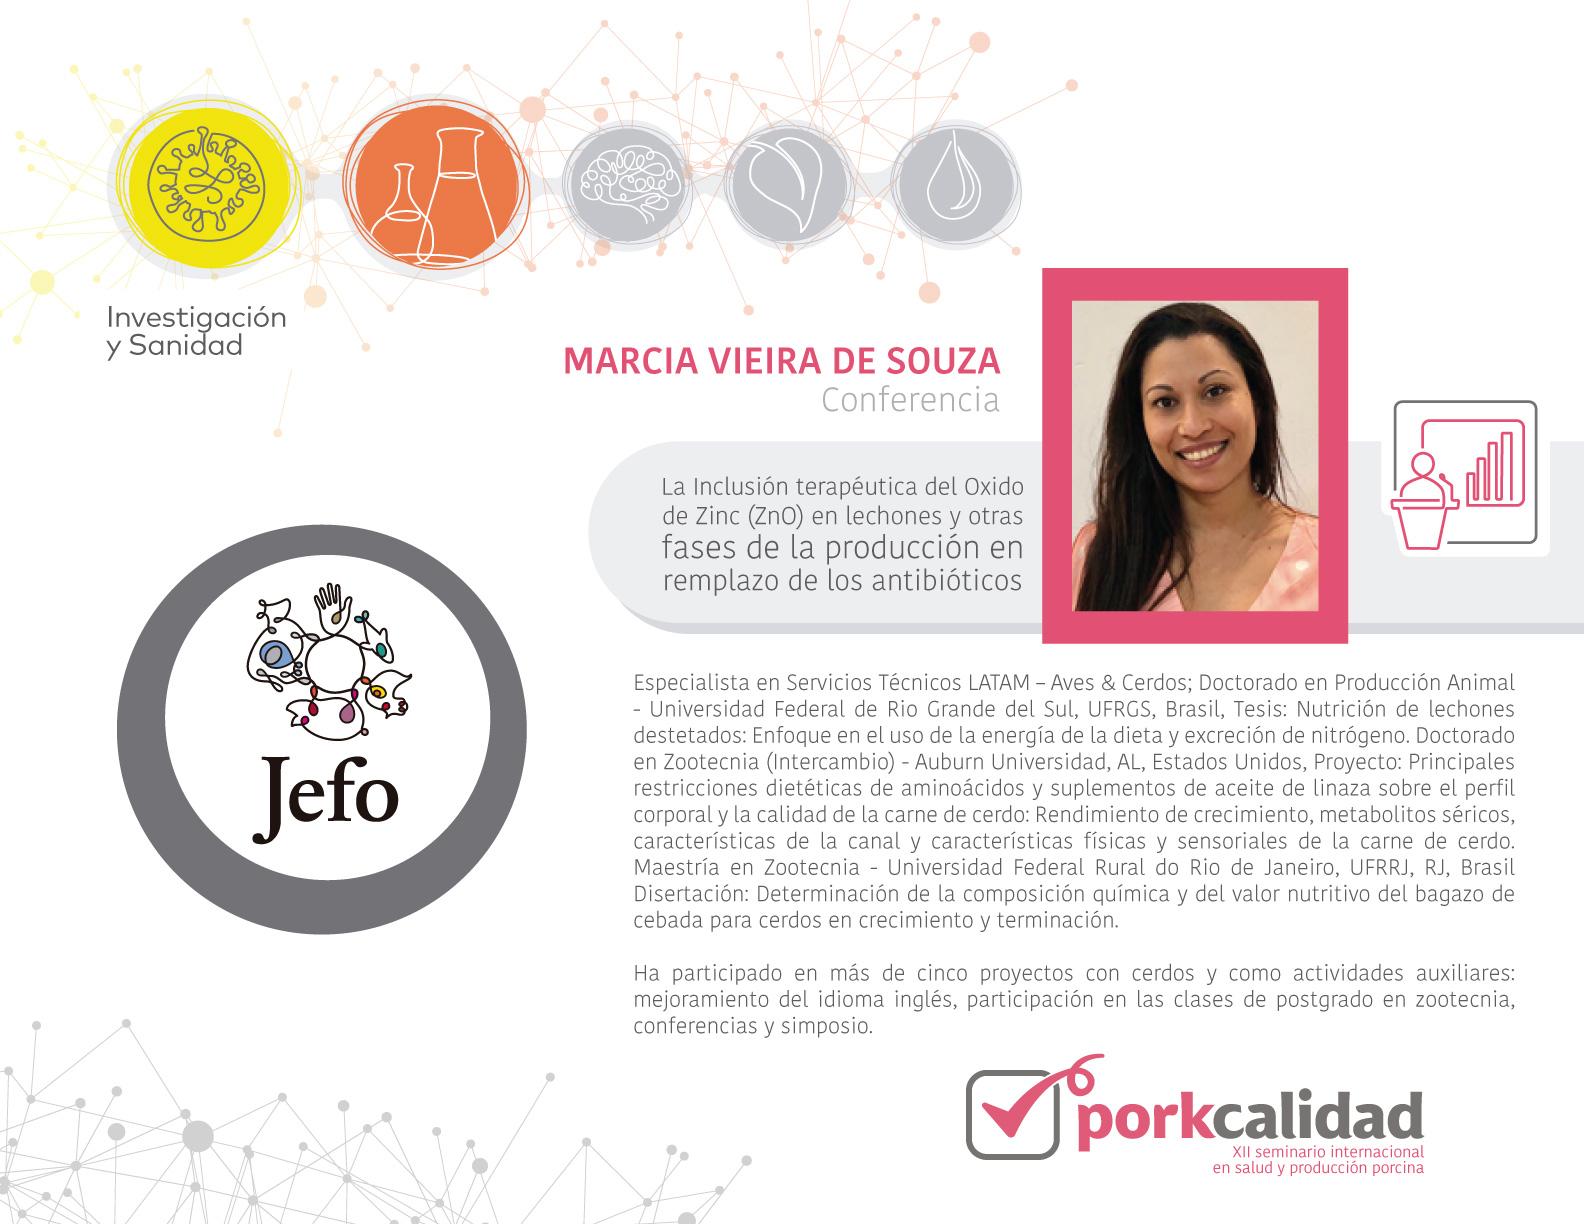 Porkcalidad2019_Jefo_MarciaVieira